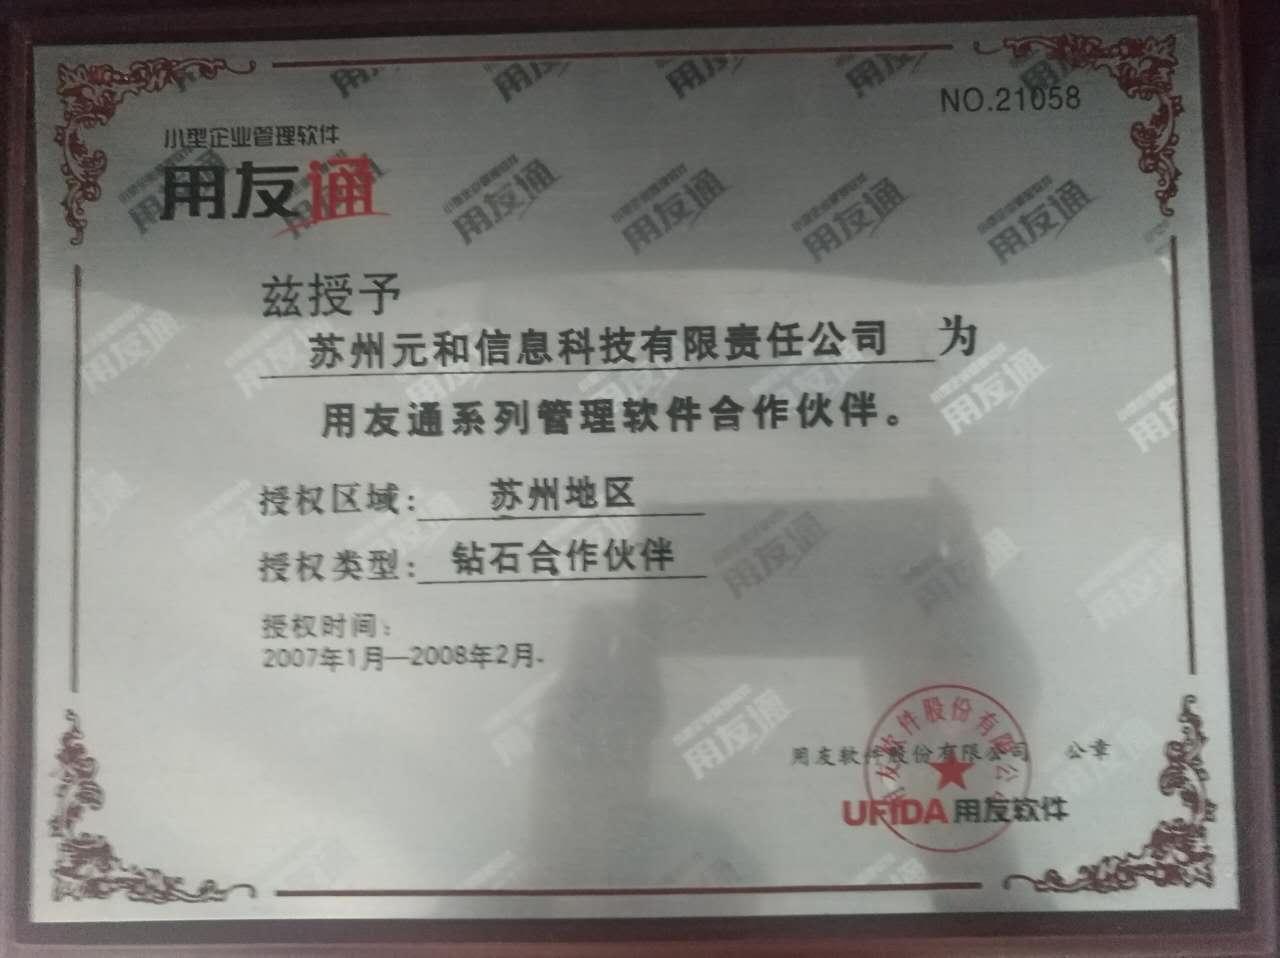 蘇州地區 磚石合作伙伴